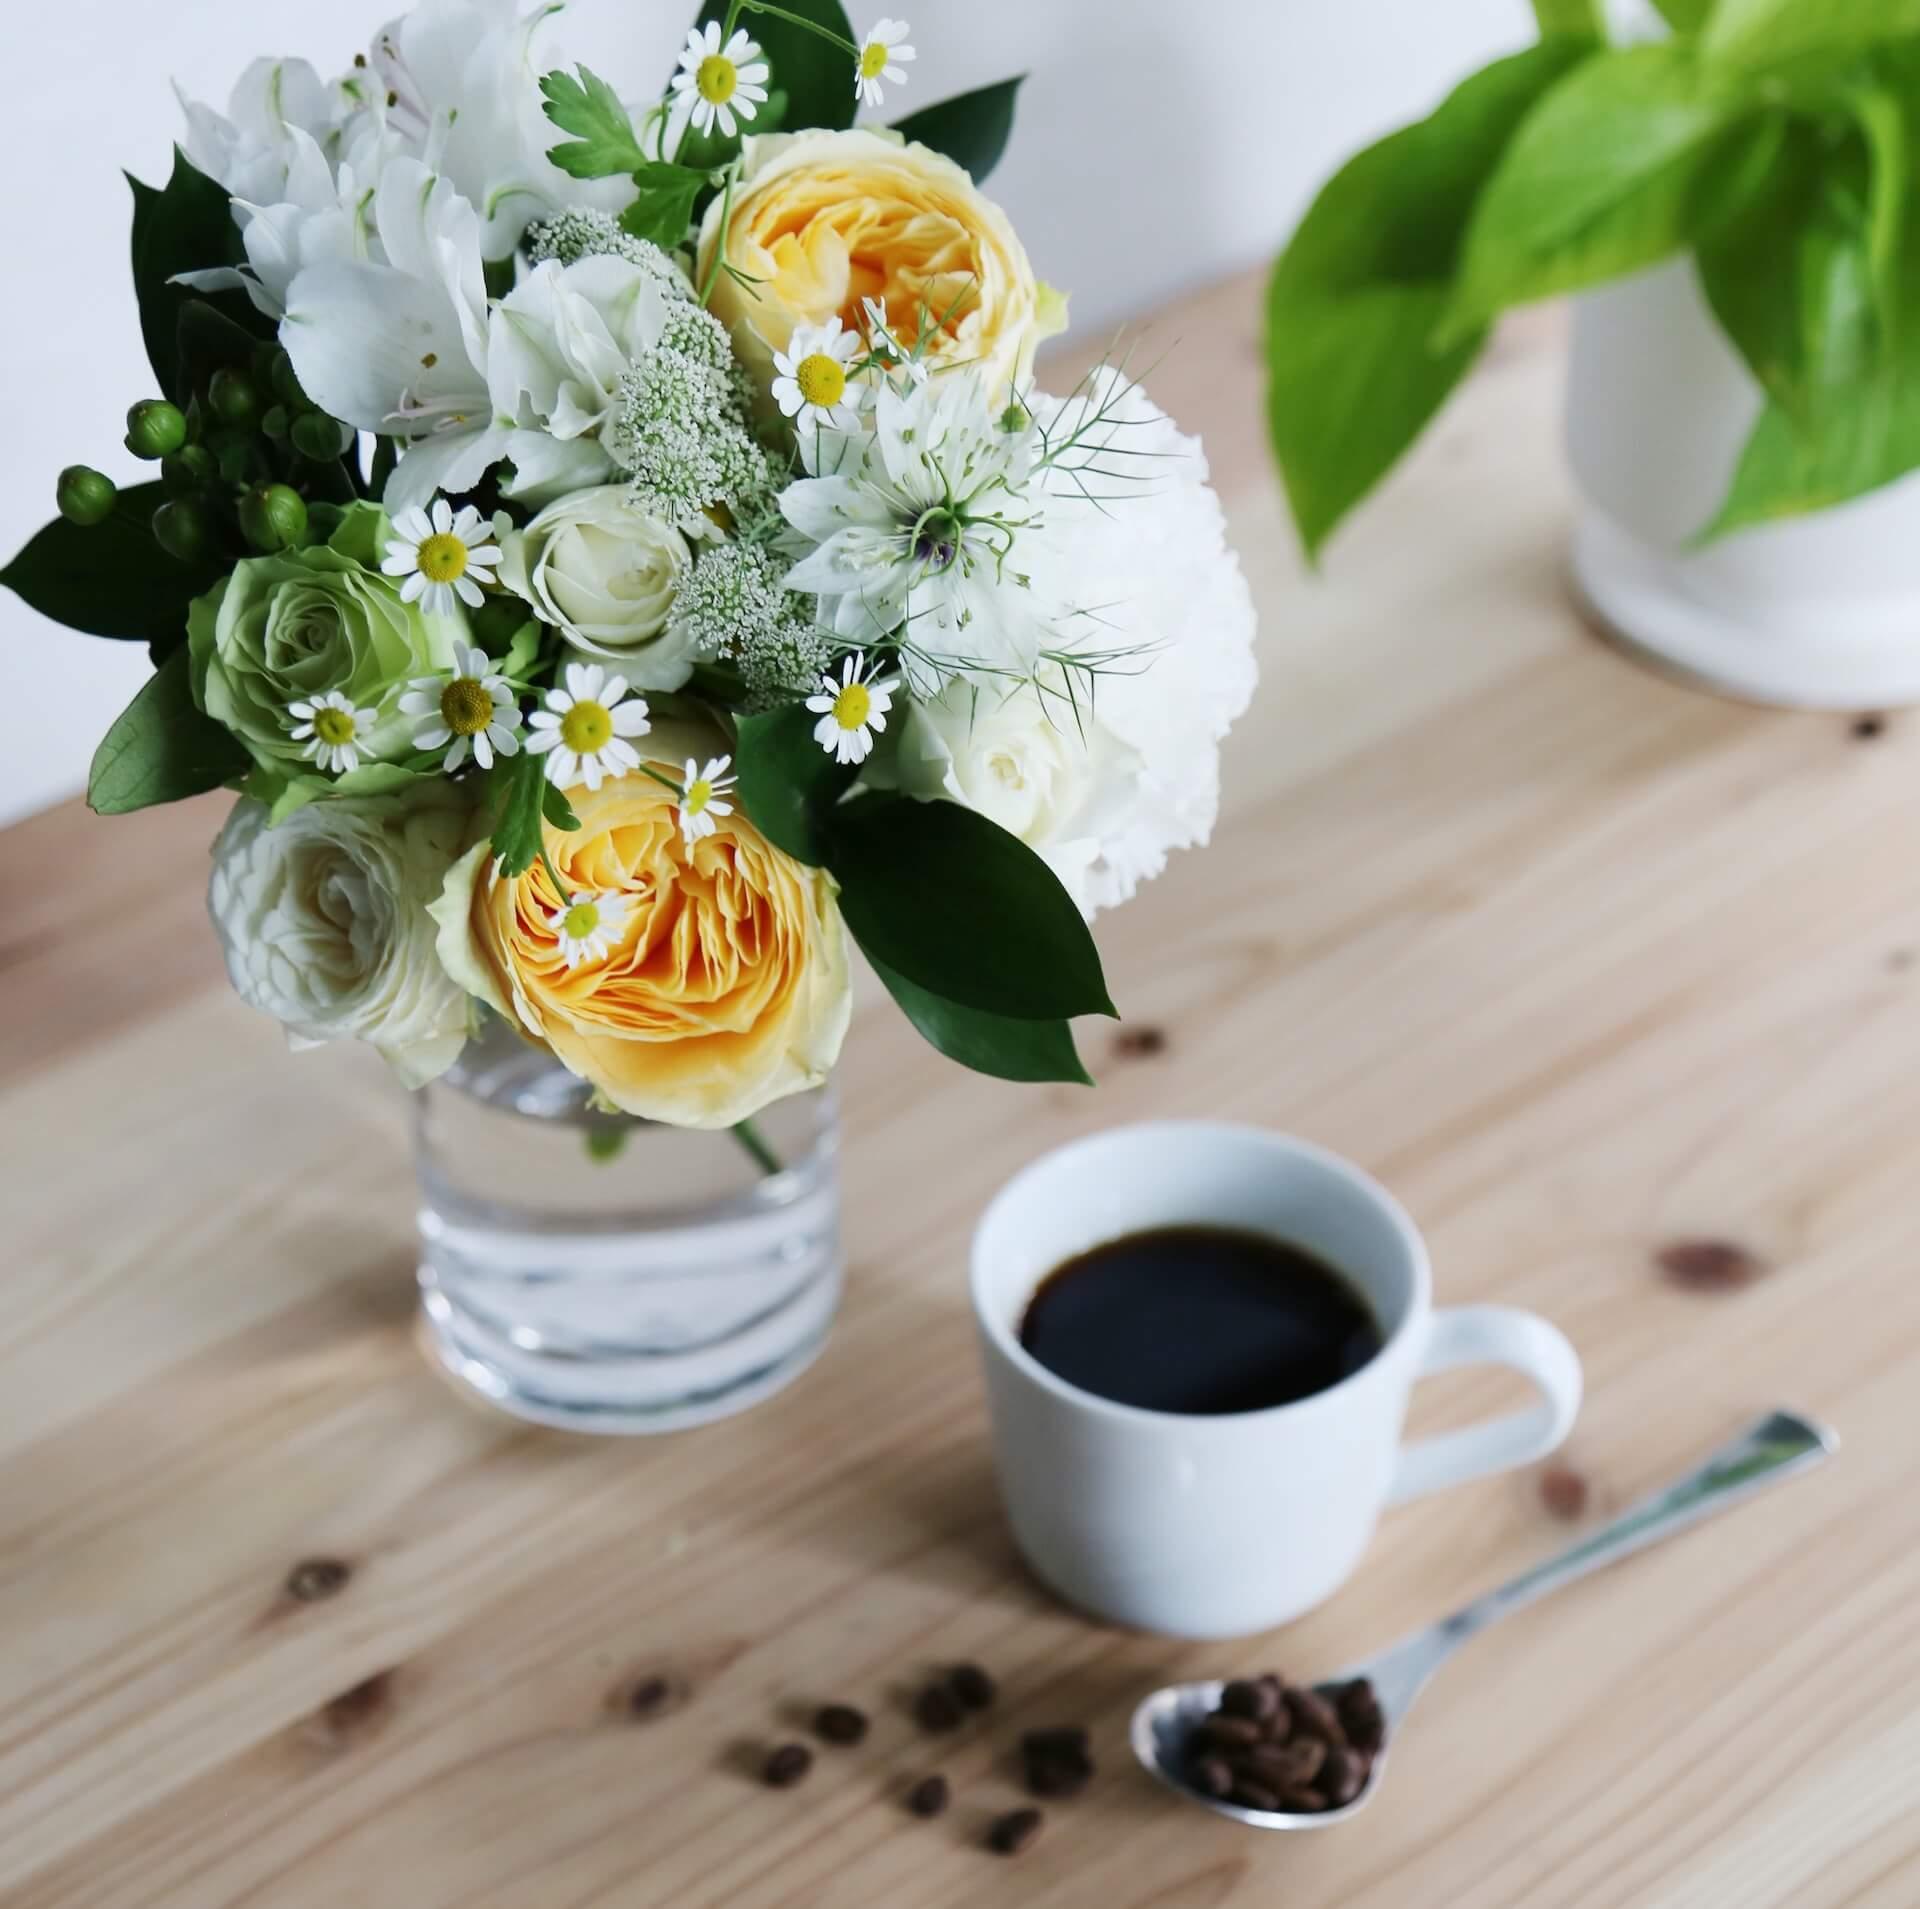 季節の花とコーヒーの母の日ギフトが登場!フラワーアレンジメント、ブーケと「スプリングブレンド」コーヒーがセットに lf200428_mothersdaygift_01